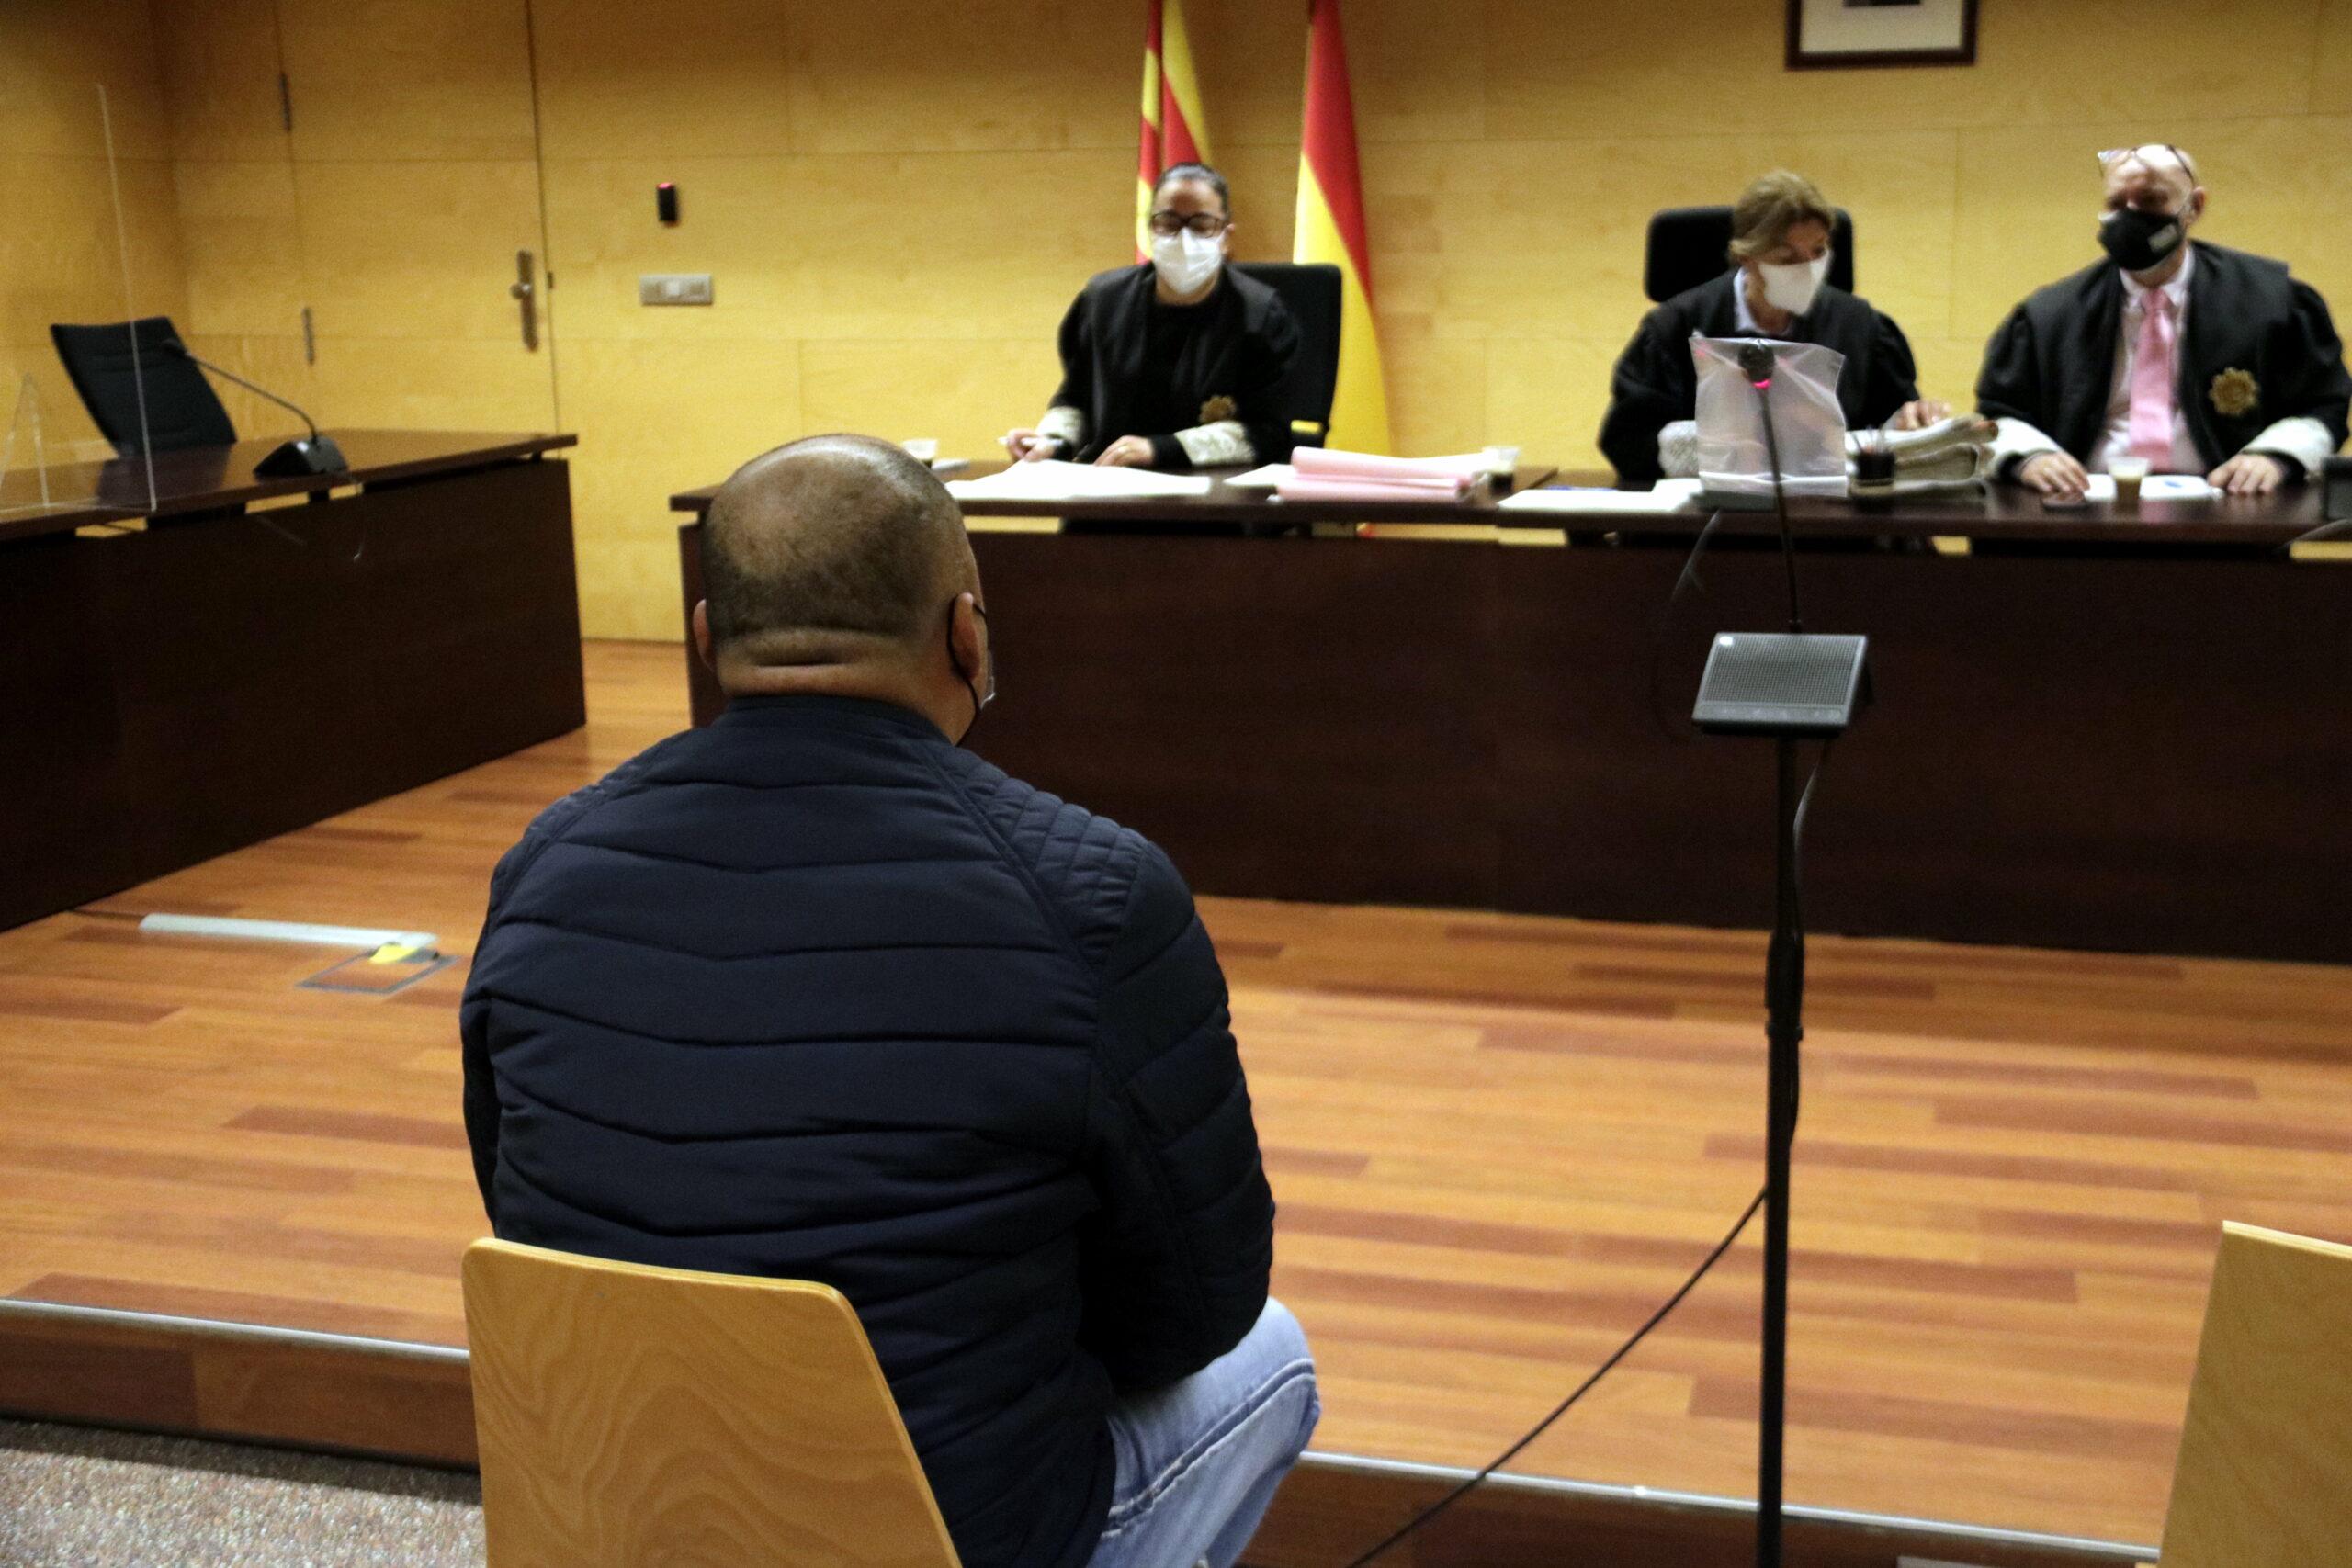 D'esquenes, l'acusat d'abusar sexualment de la fillastra a Girona | ACN